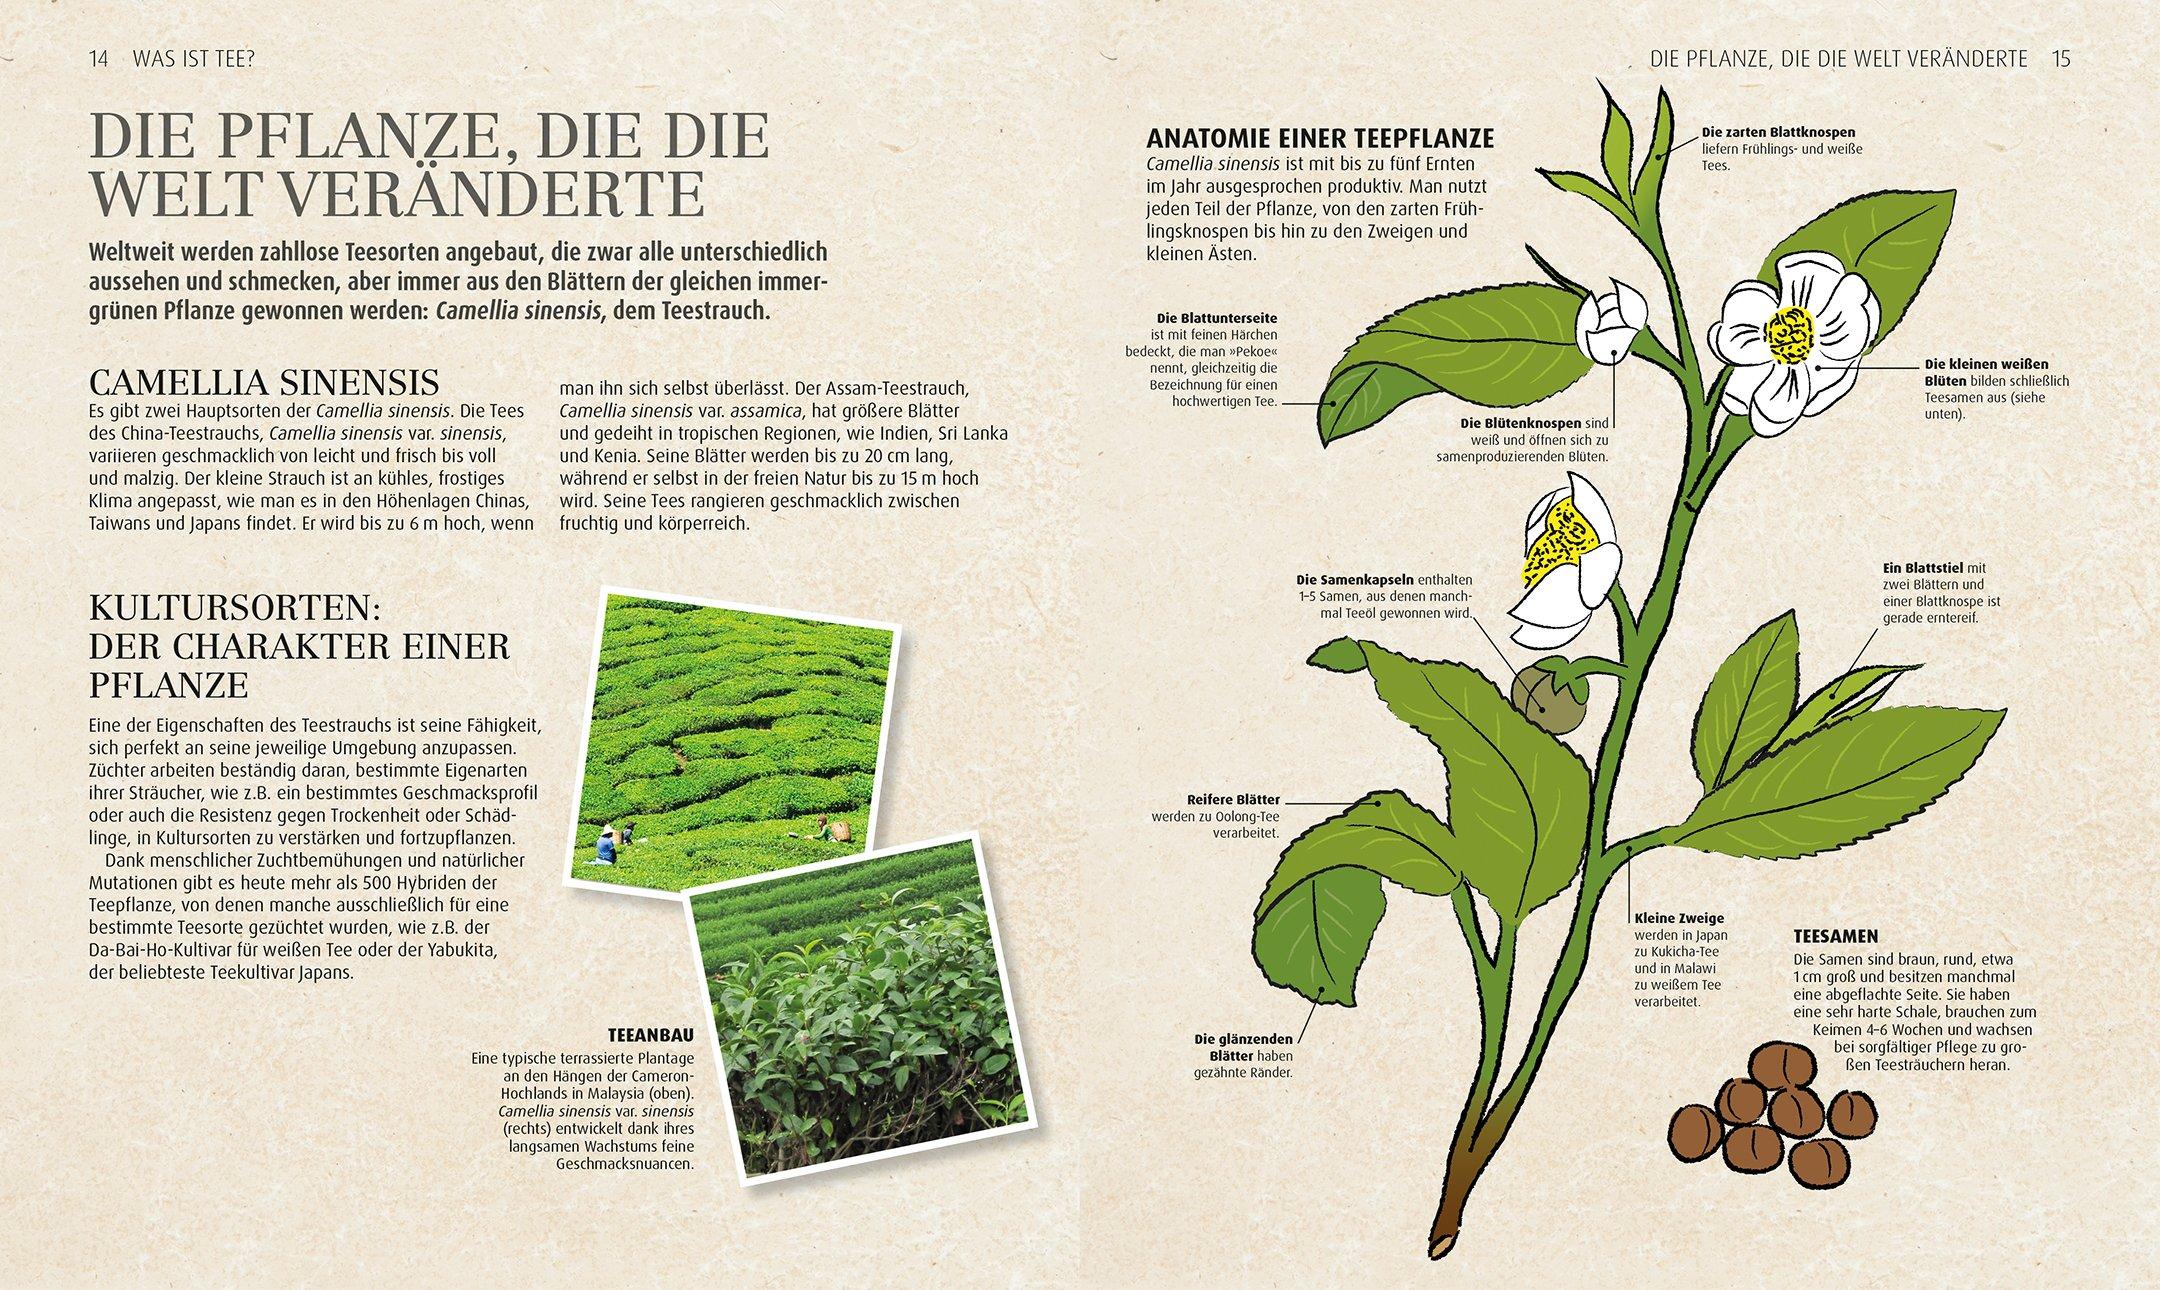 Ungewöhnlich Pflanze Blume Anatomie Bilder - Anatomie Ideen ...